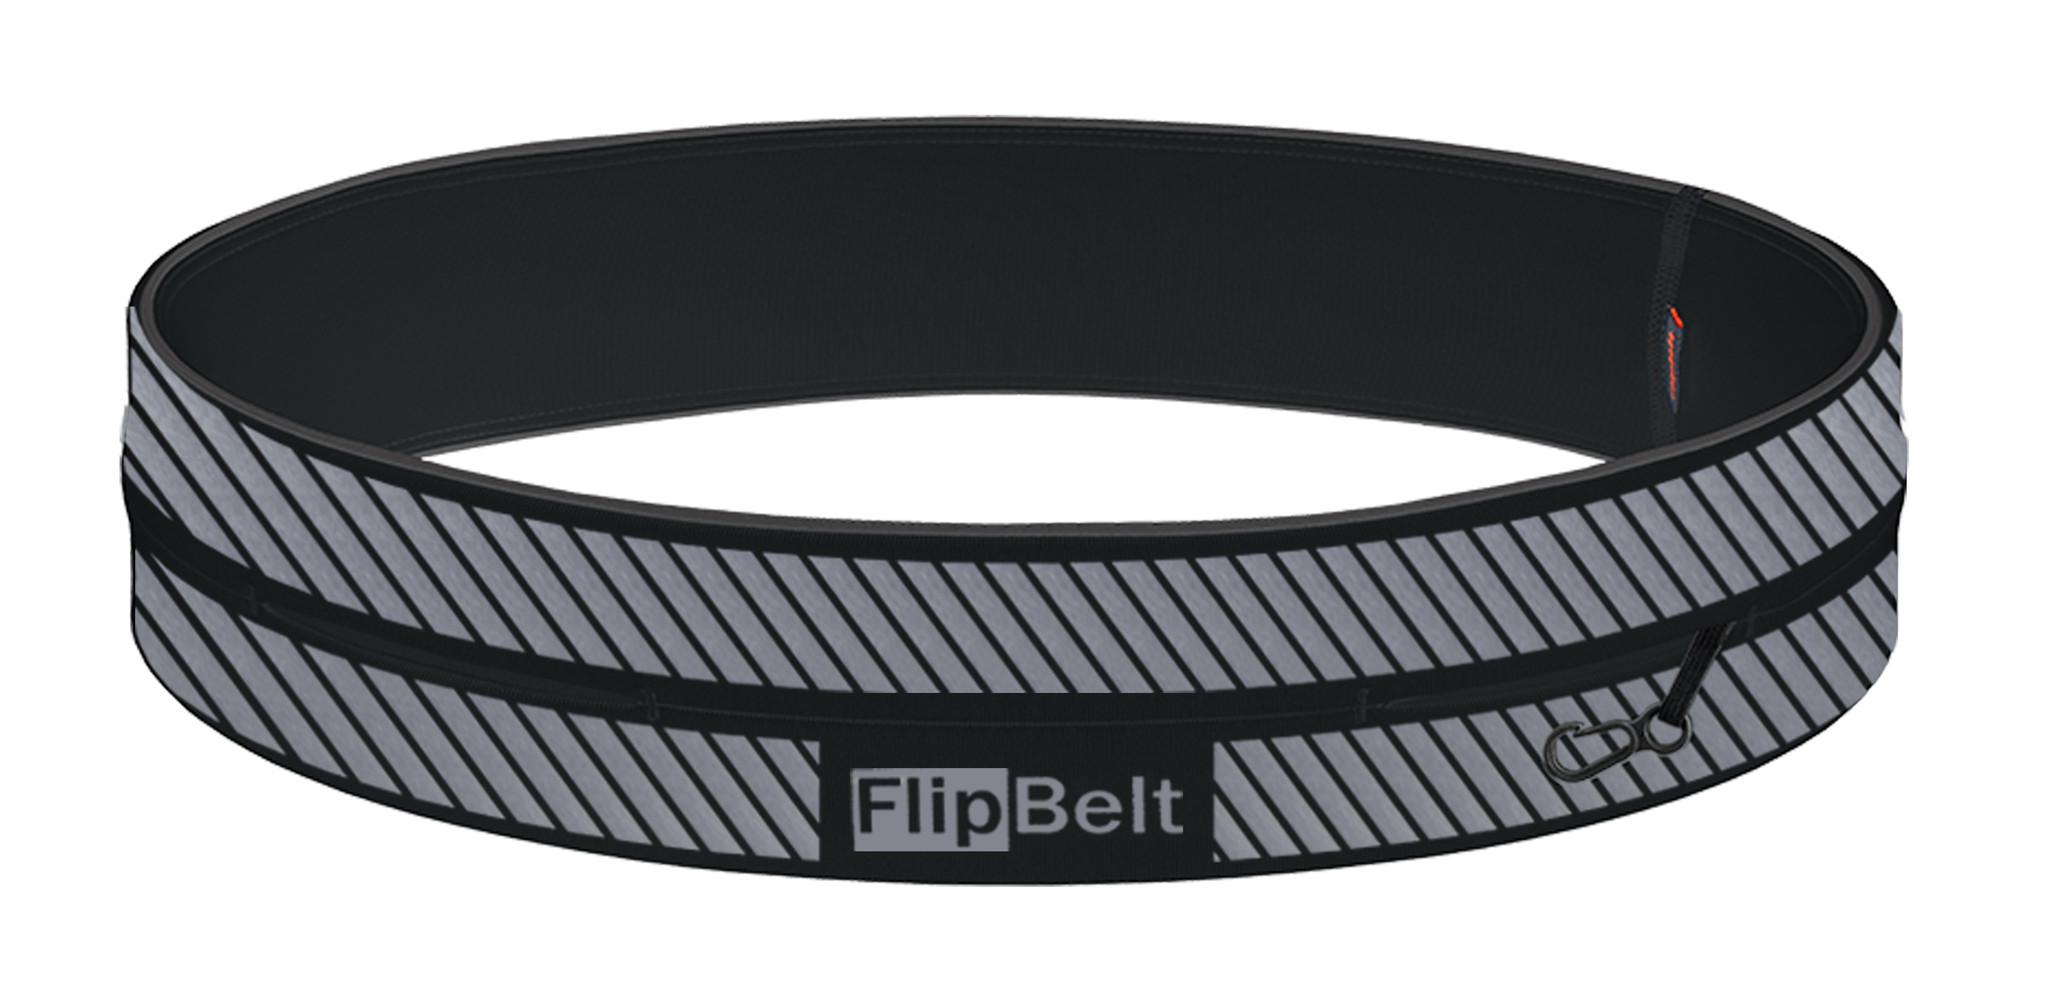 FlipBelt FlipBelt Classic Running Belt Reflective